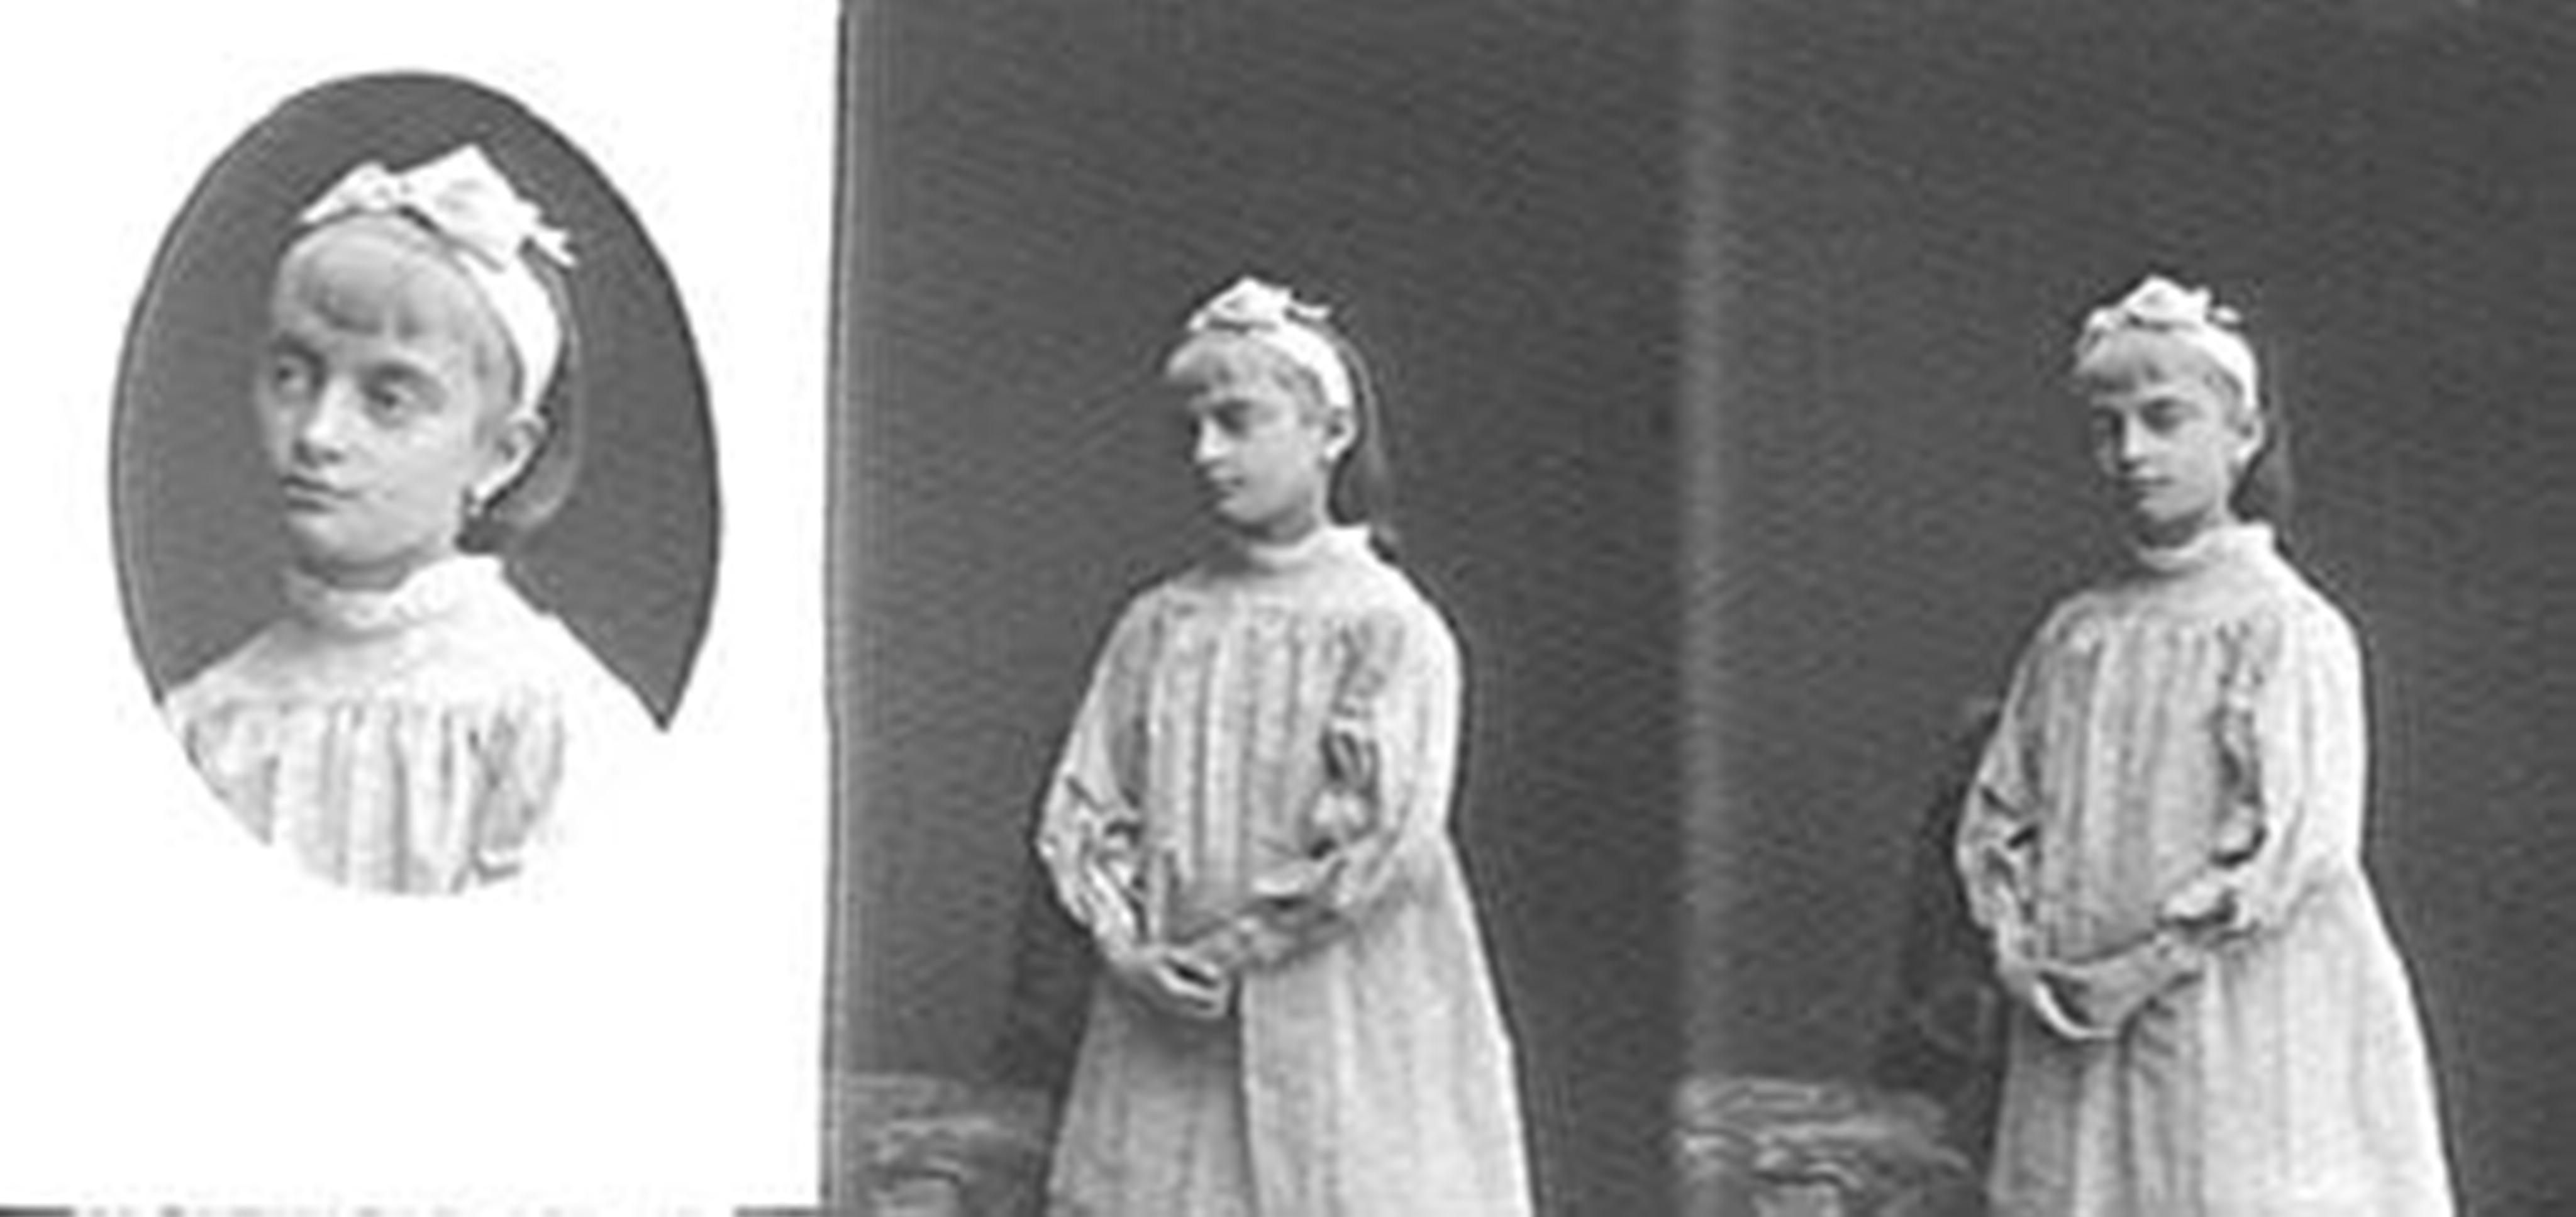 Image - Louise Magnier dans le rôle de la jeune Nana